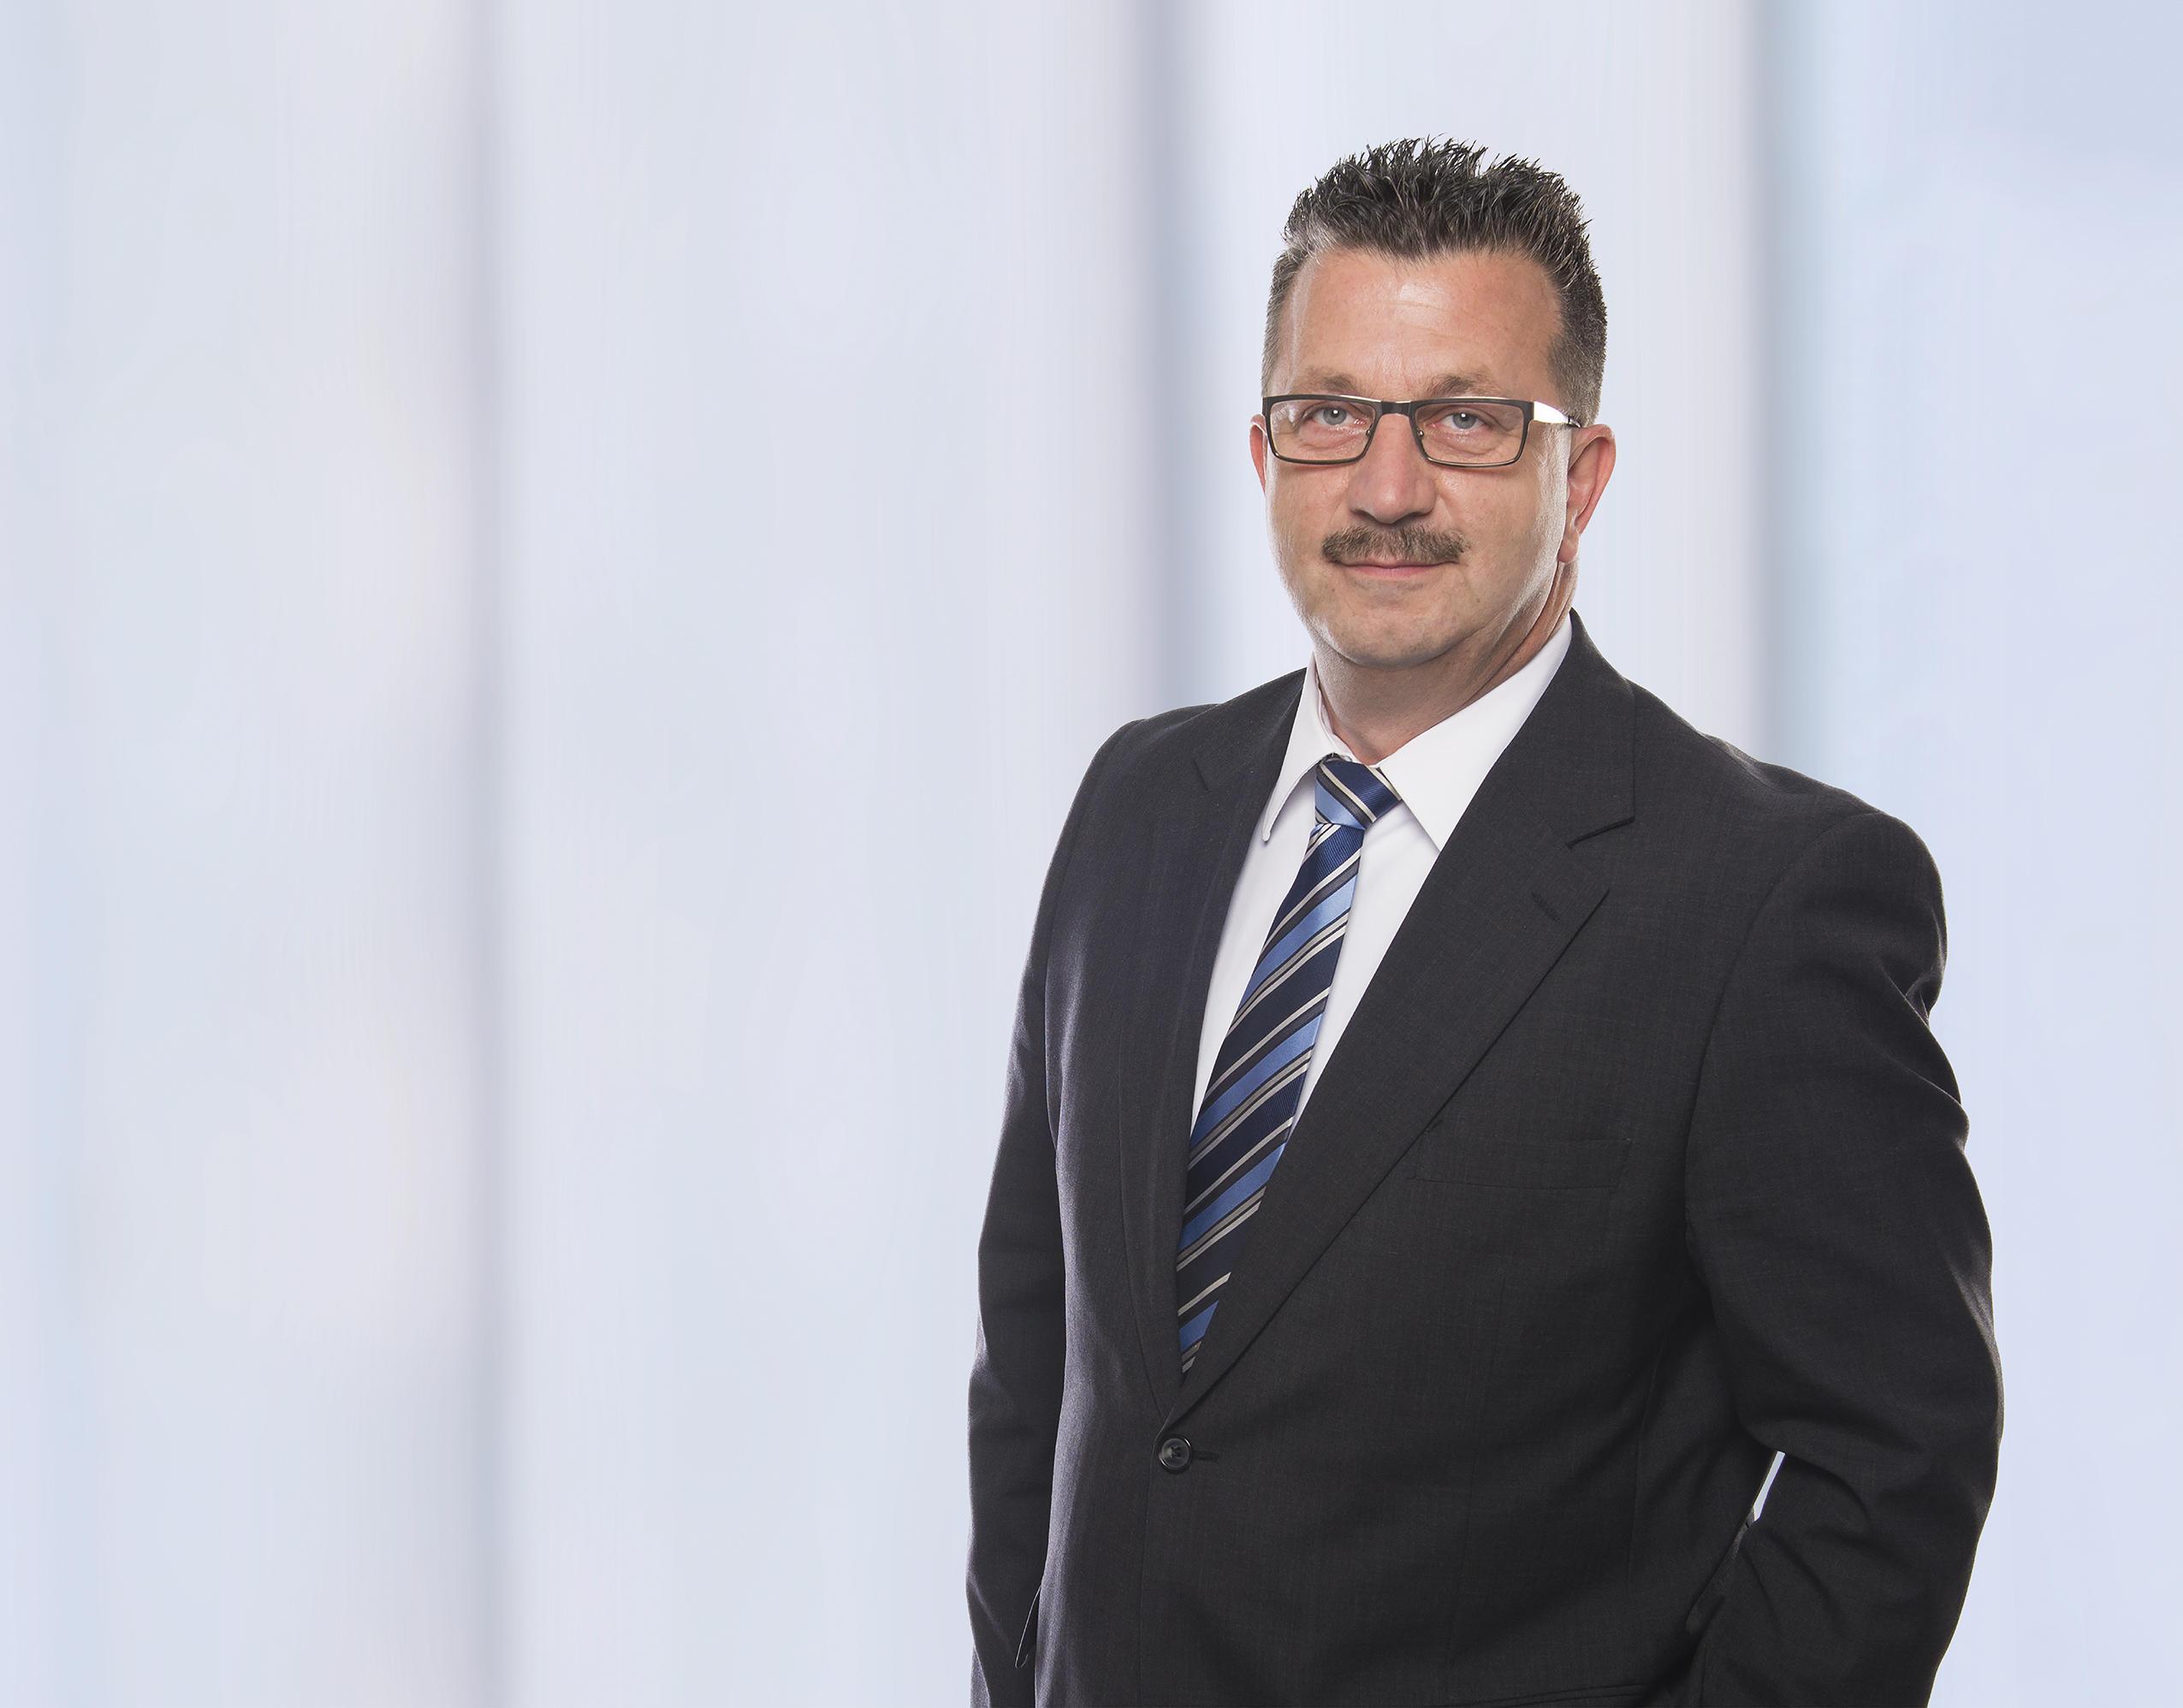 Michael Oswald. Ihr Ansprechpartner für die Barmenia Versicherung in Essen.